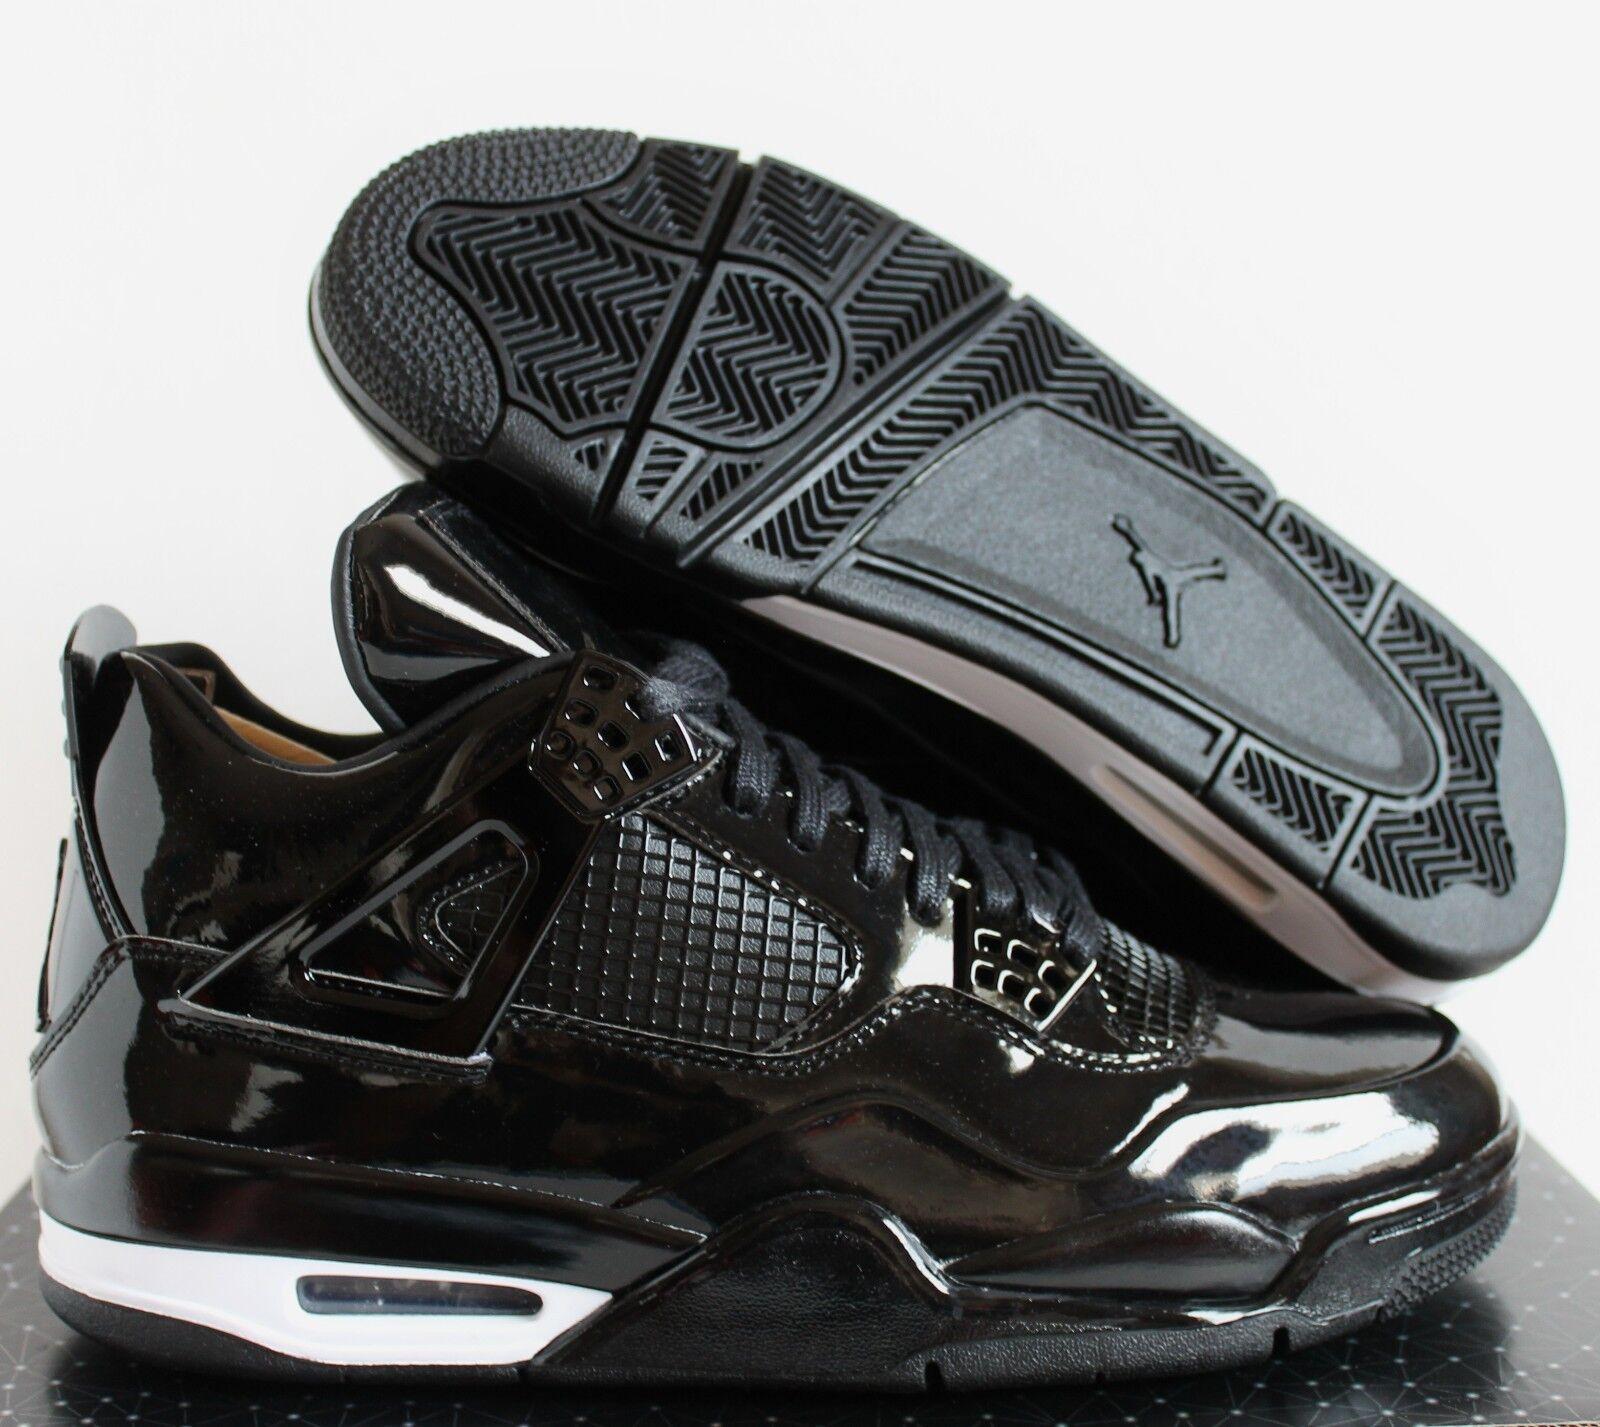 Nike Air 11LAB4 Jordan 11LAB4 Air Negroblanco patente [719864010] 2d560b